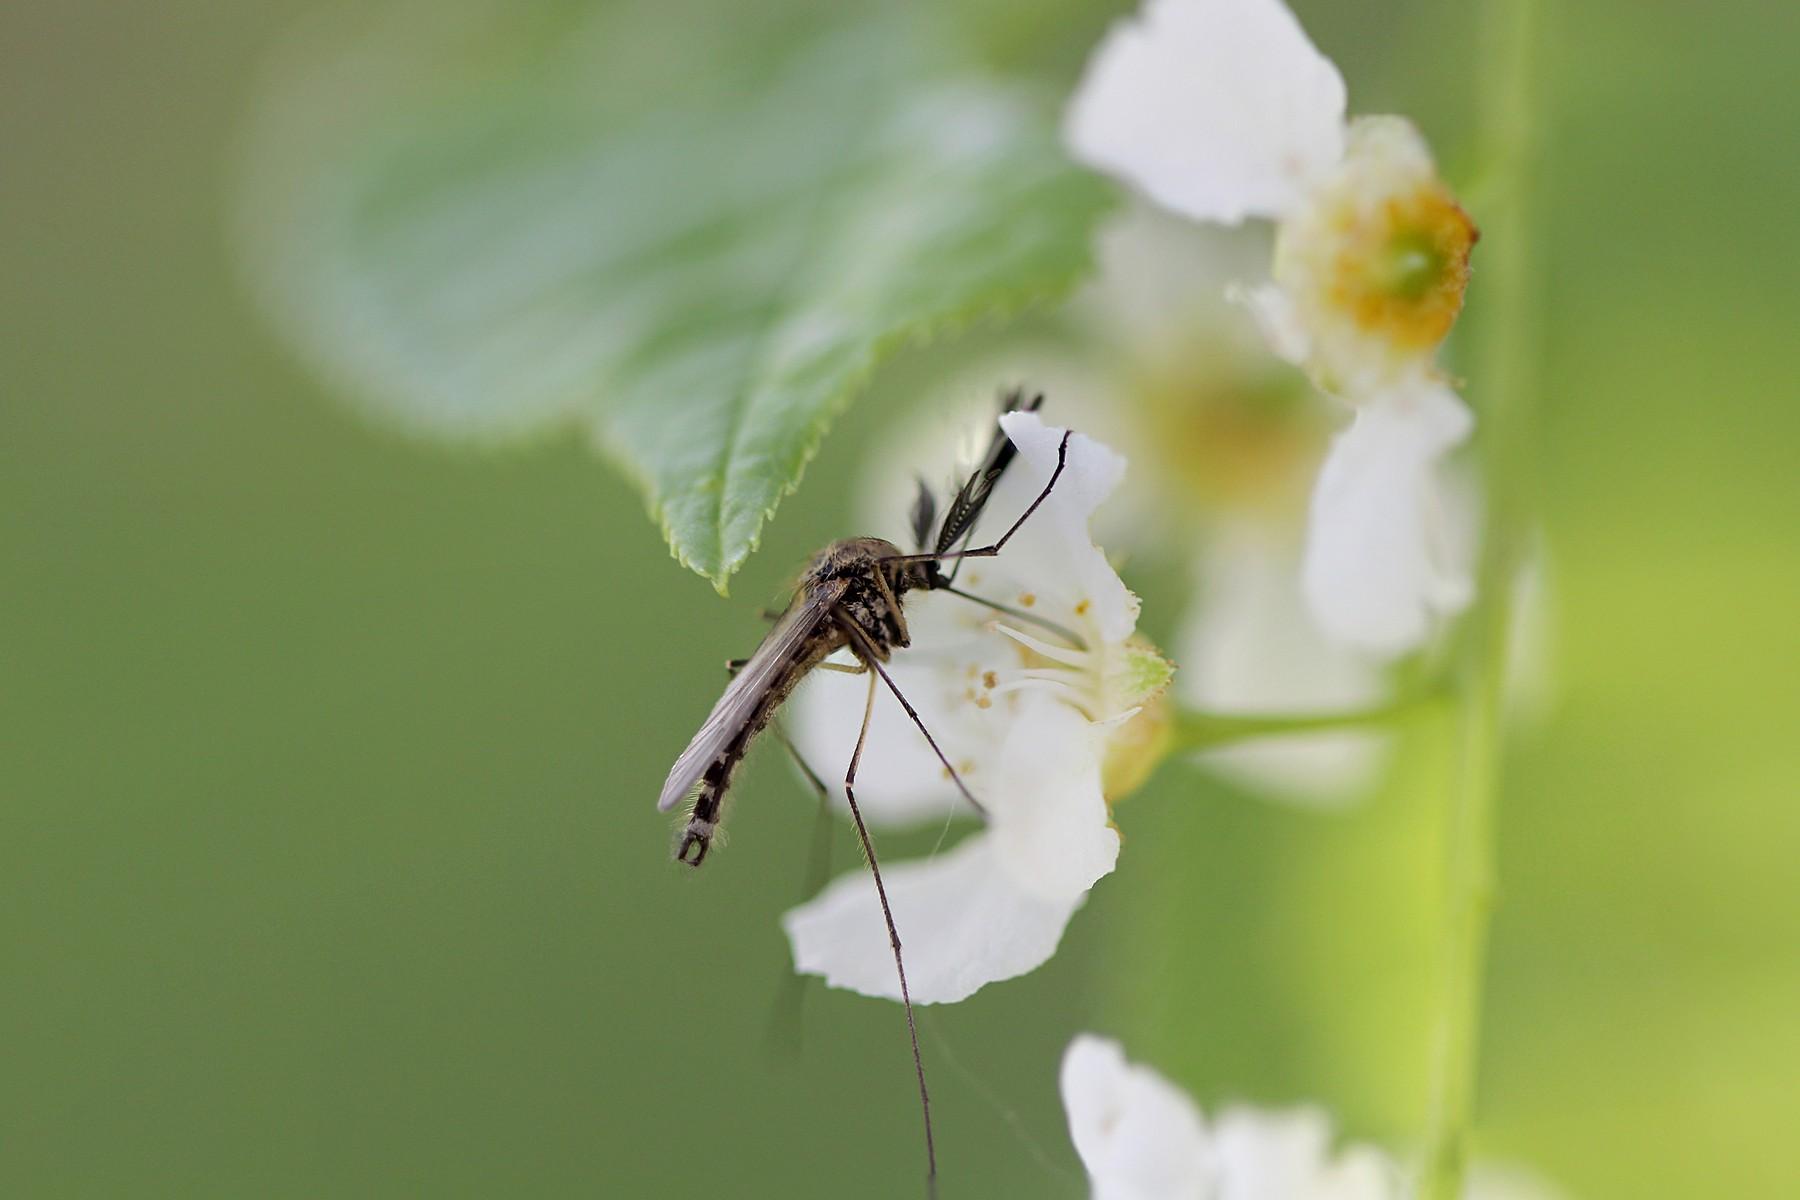 Чем питаются самцы комаров? Как их отличить от самок?